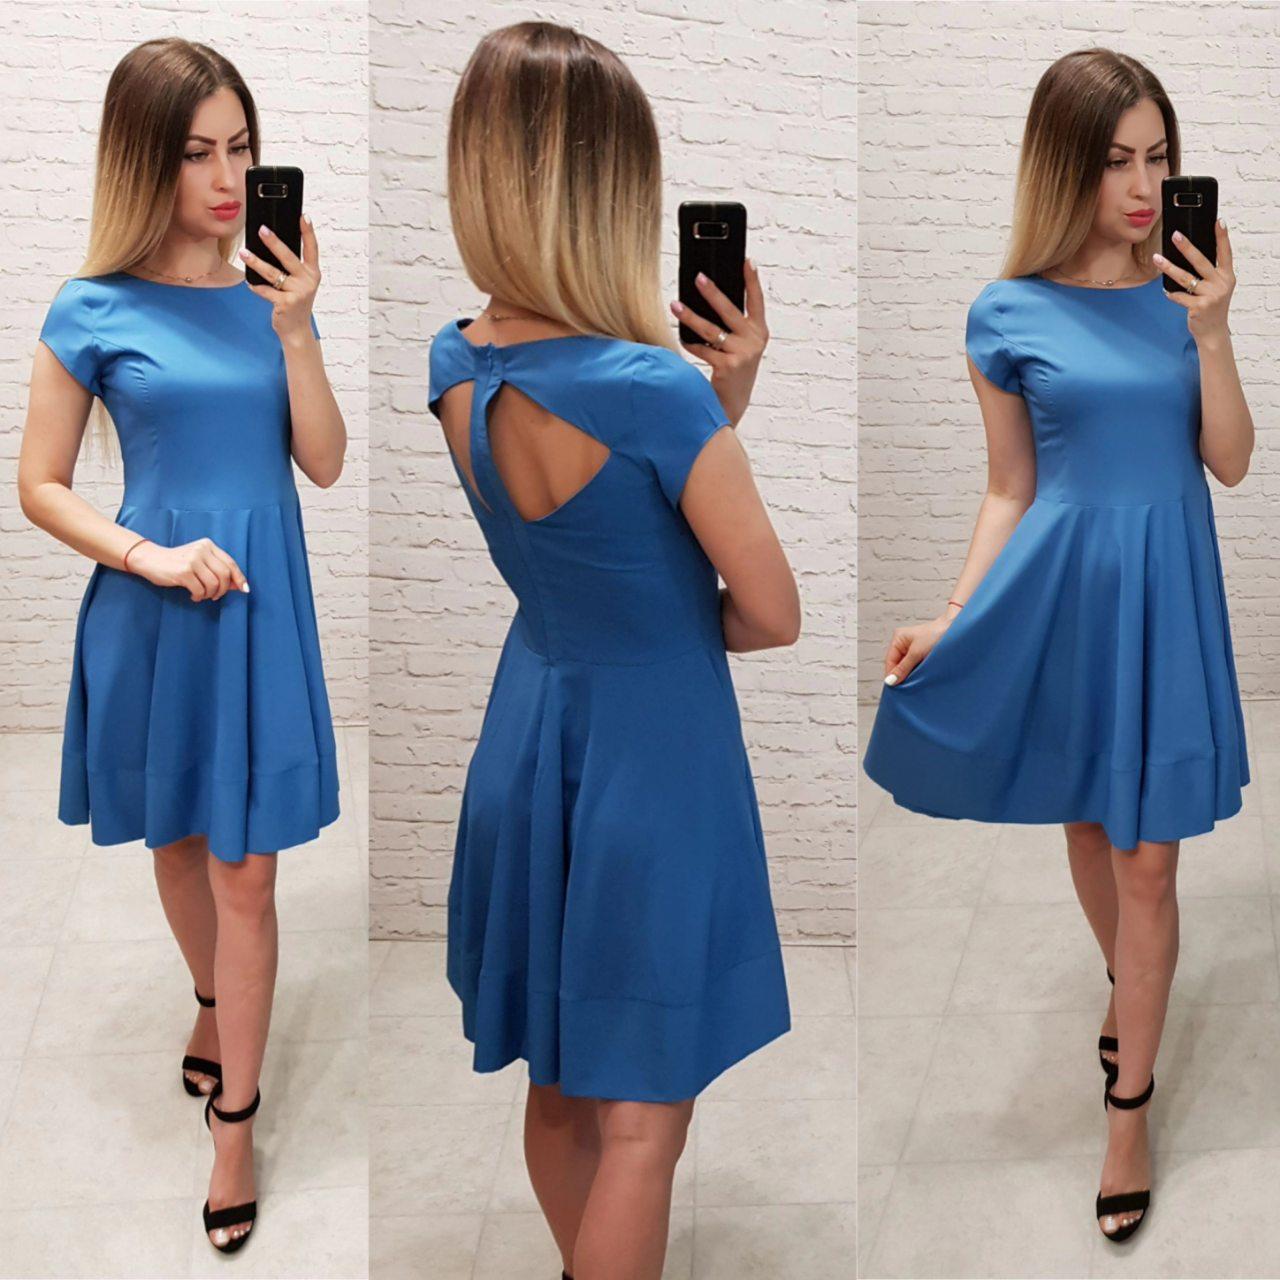 Сукня арт. З 19-01 з відкритою спинкою блакитний синій без малюнка